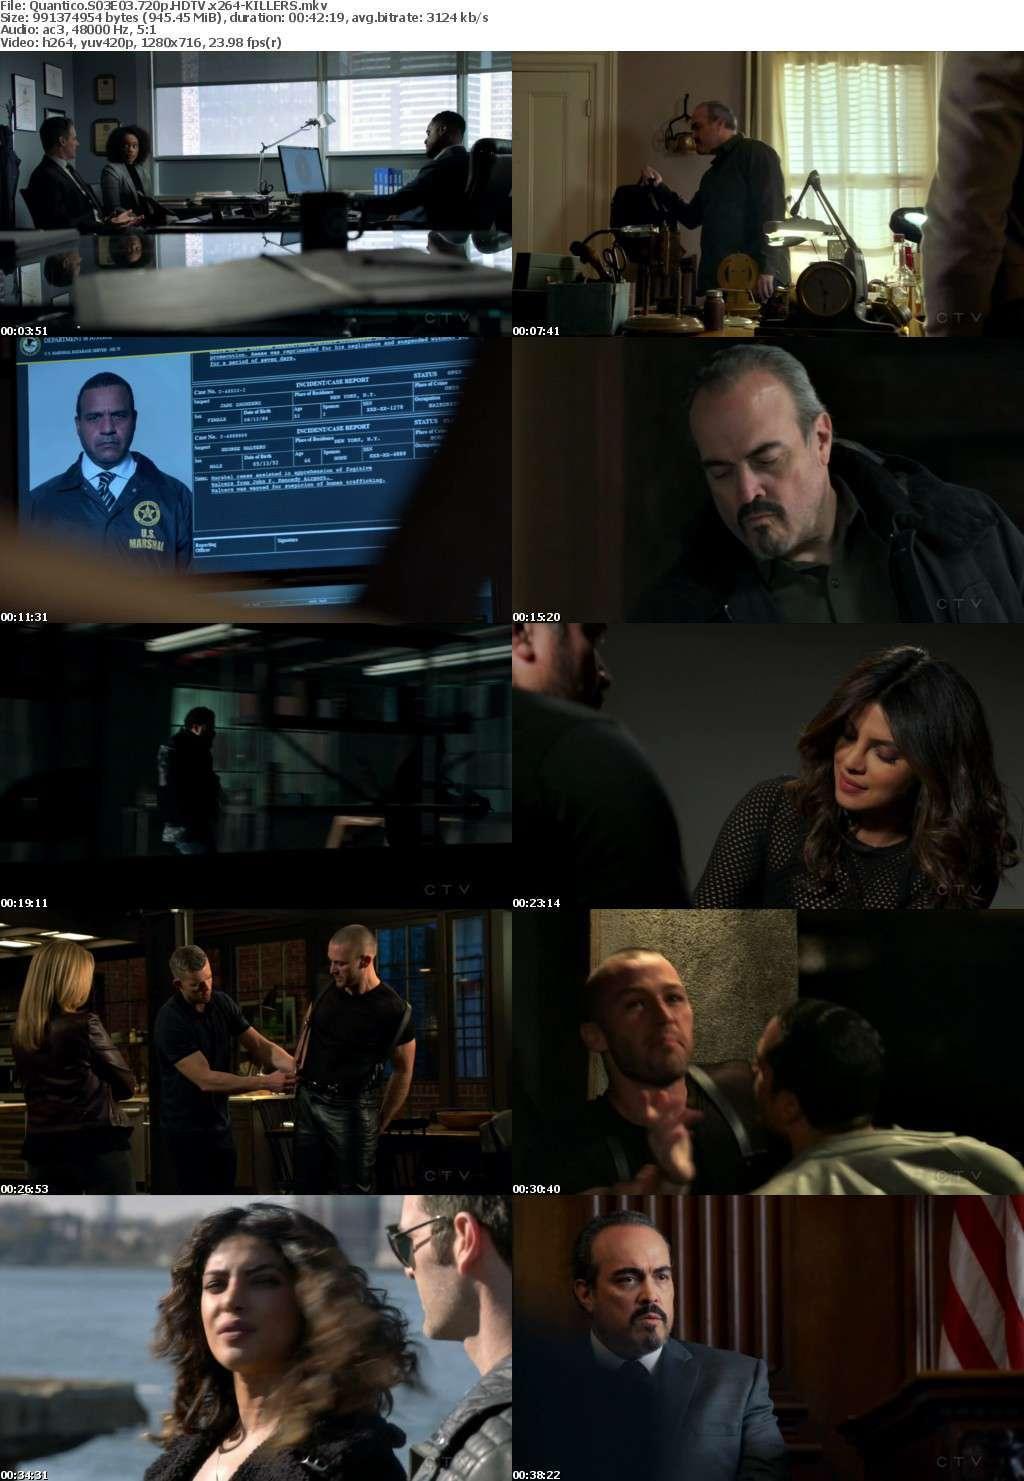 Quantico S03E03 720p HDTV x264-KILLERS